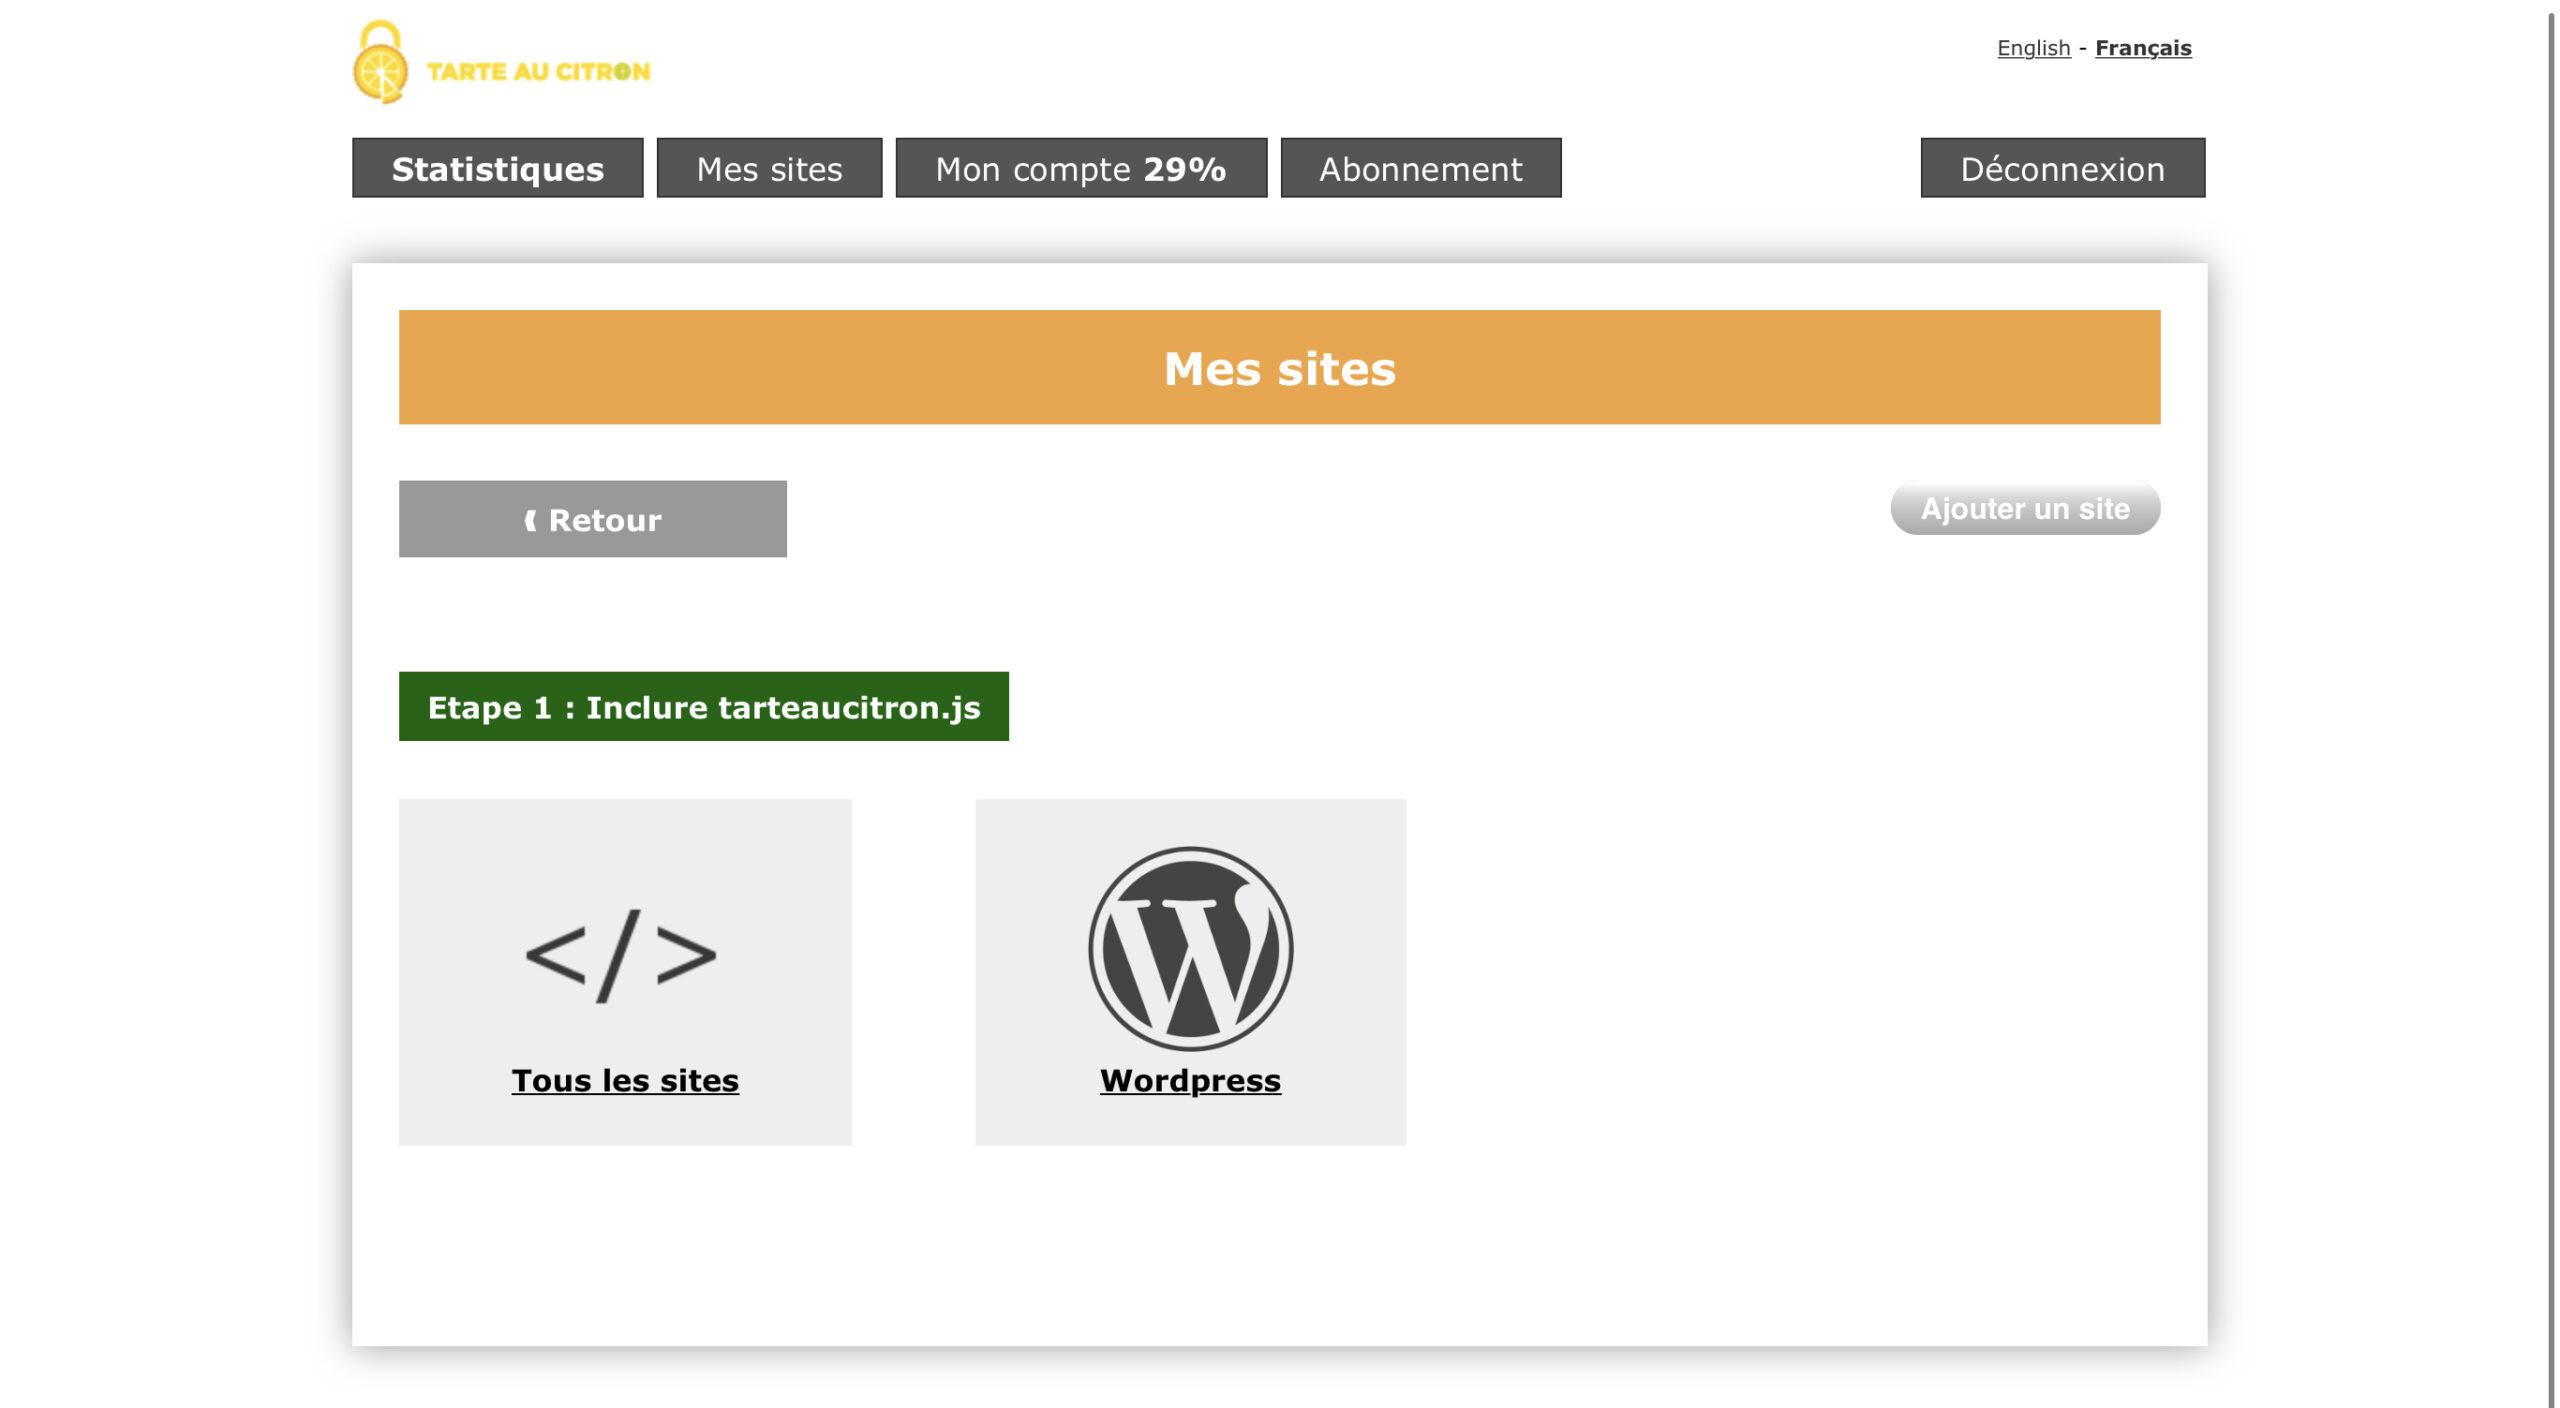 Tarte au citron - Cookies et RGPD - Ajouter sur votre site WordPress - Kozman